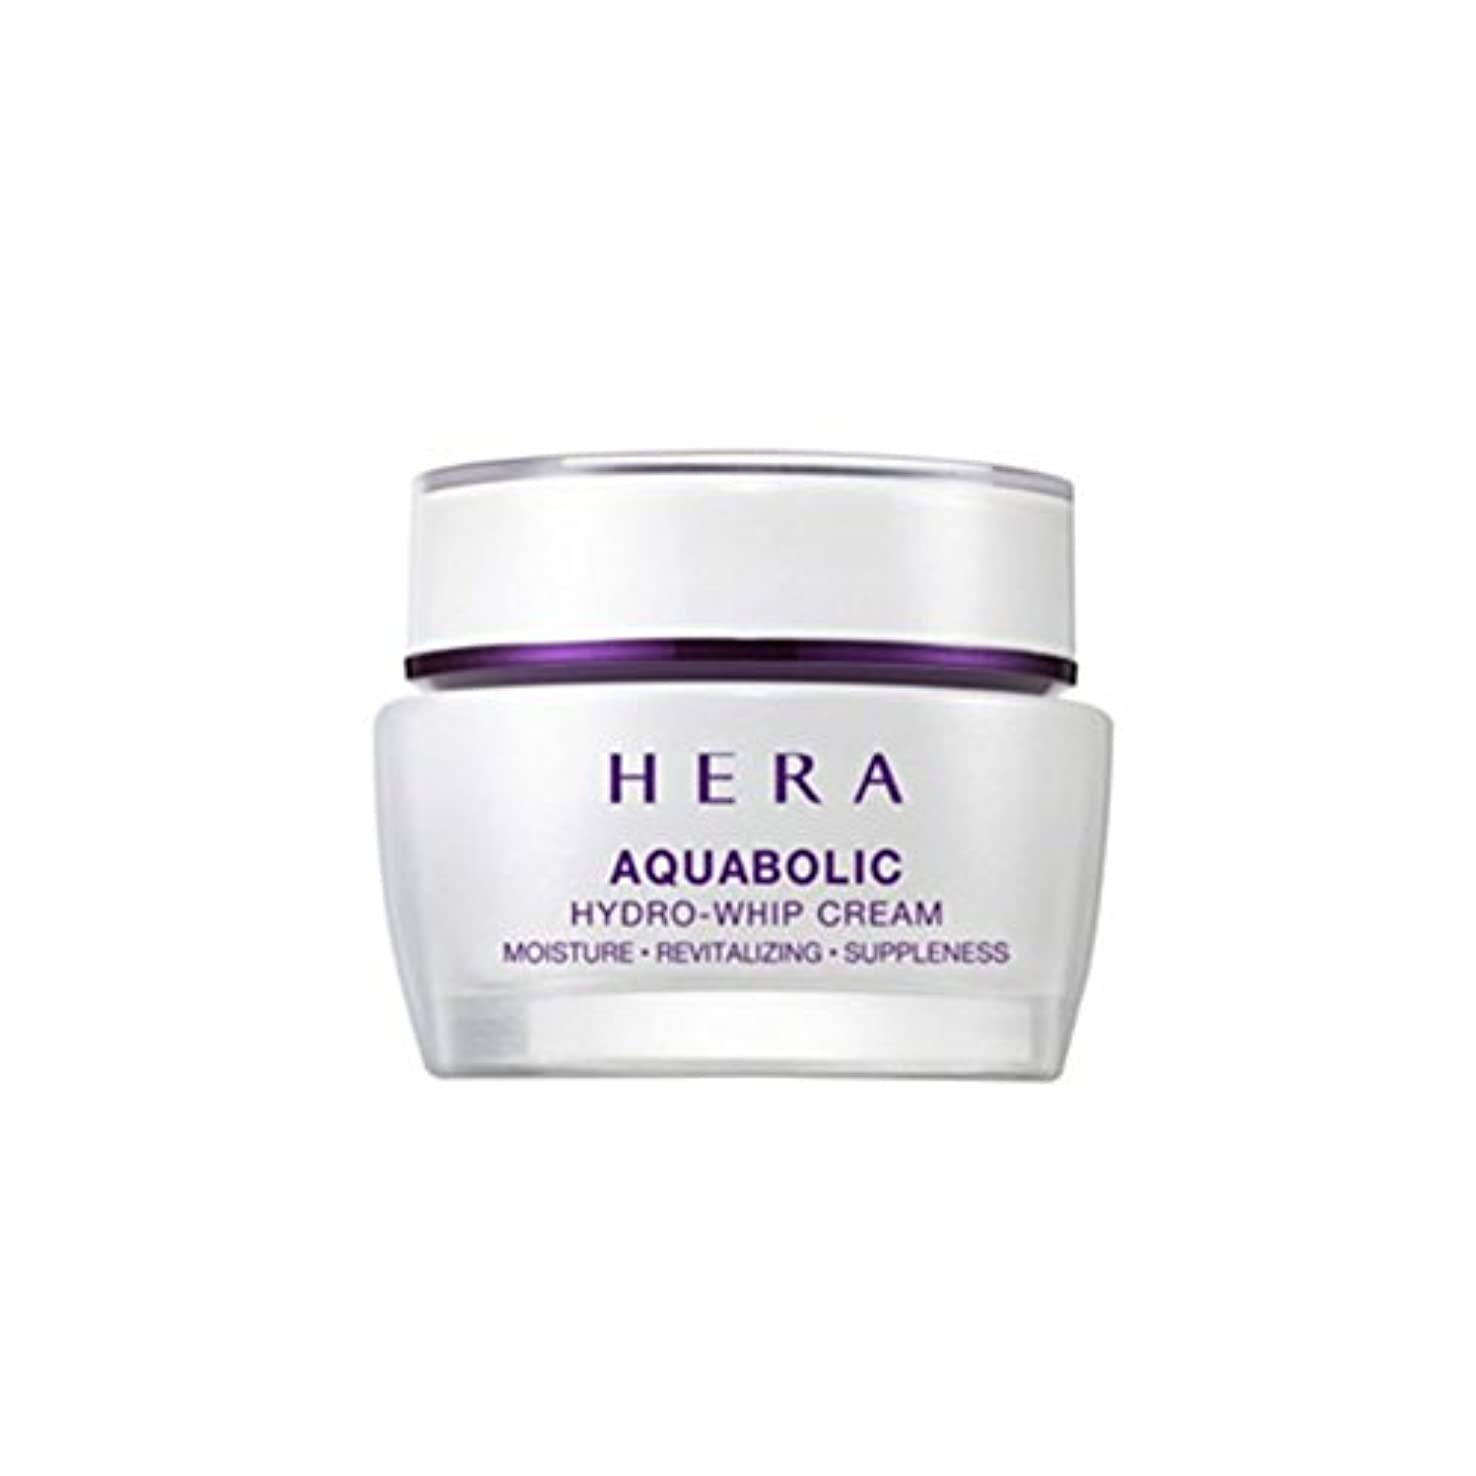 反乱温かい虐待(ヘラ) HERA Aquabolic Hydro-Whip Cream アクアボリックハイドロホイップ クリーム (韓国直発送) oopspanda